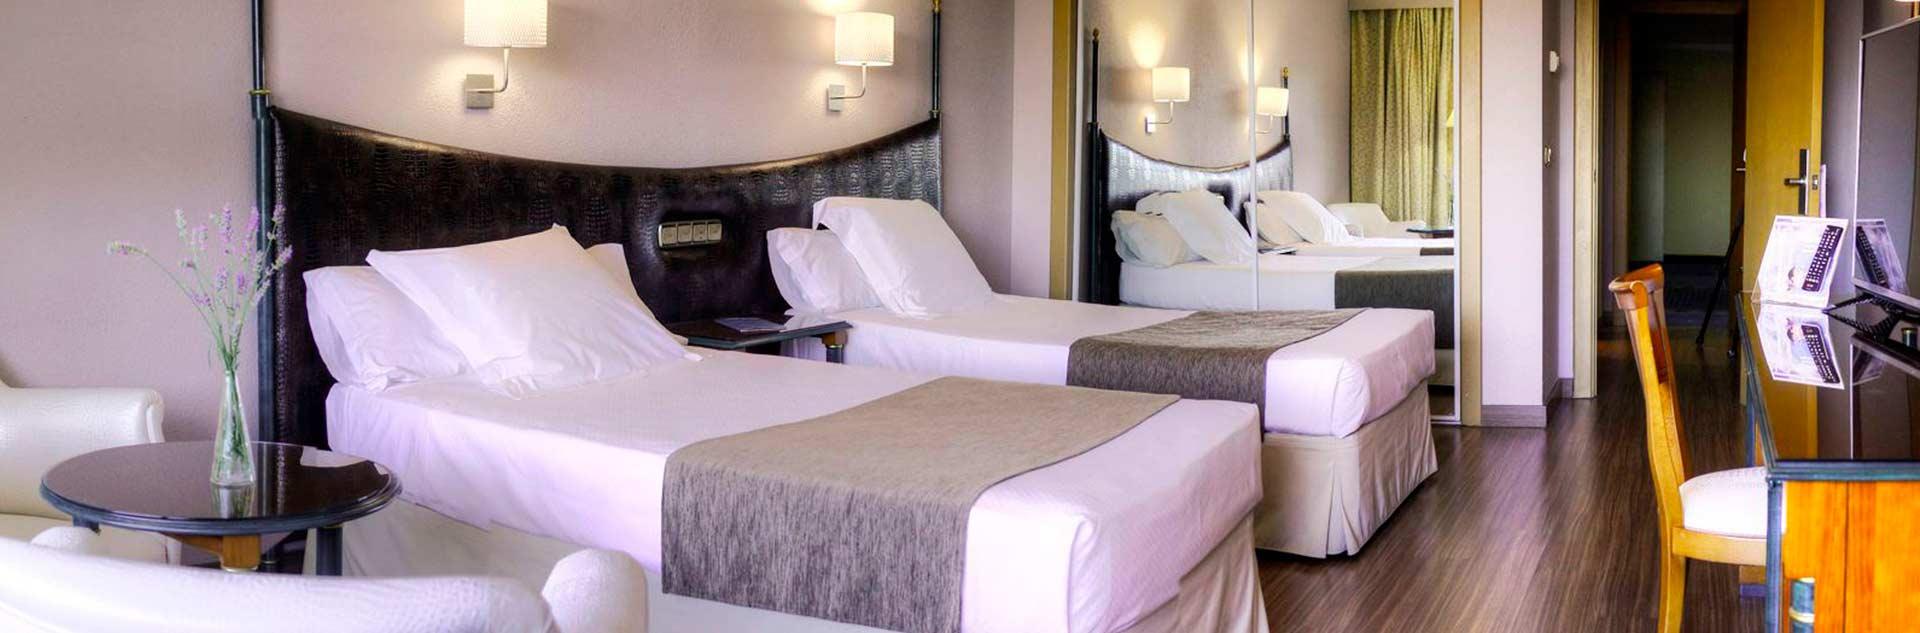 Habitación doble del Hotel Toledo Auditorium & Spa